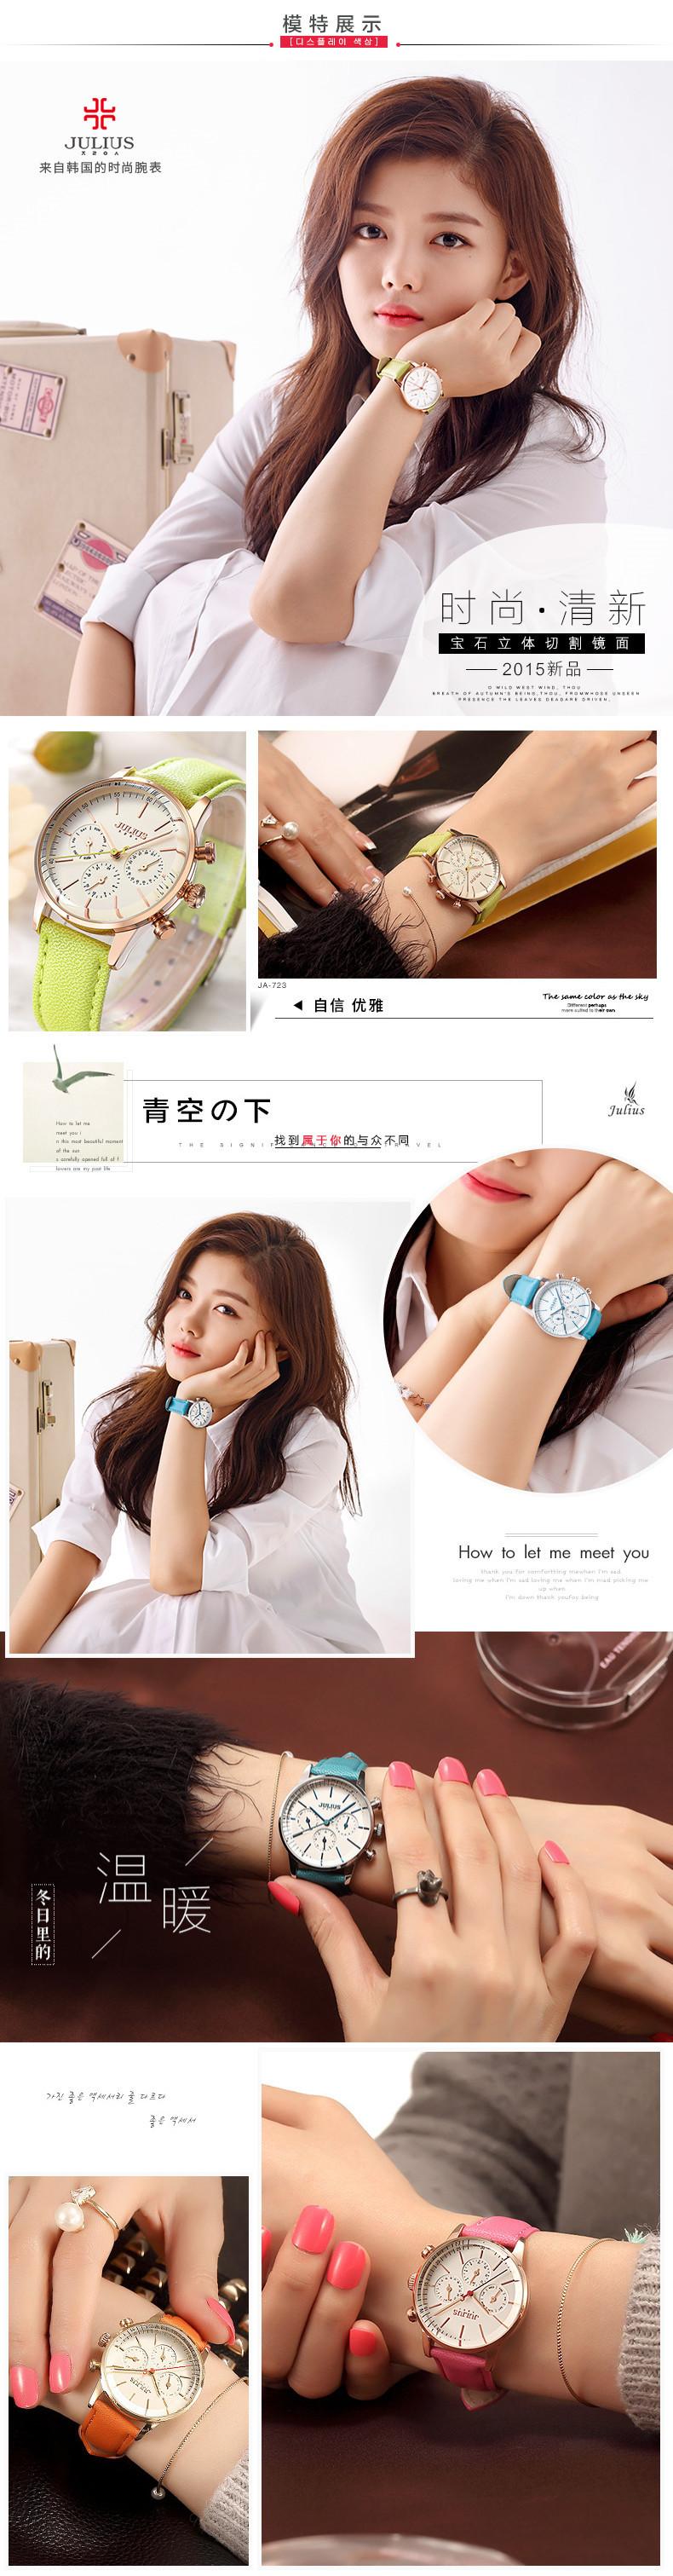 Новые женщин юлий леди наручные часы япония кварцевых часов мода платье браслет спорта кожа авто дата рождения девушке подарок JA-862